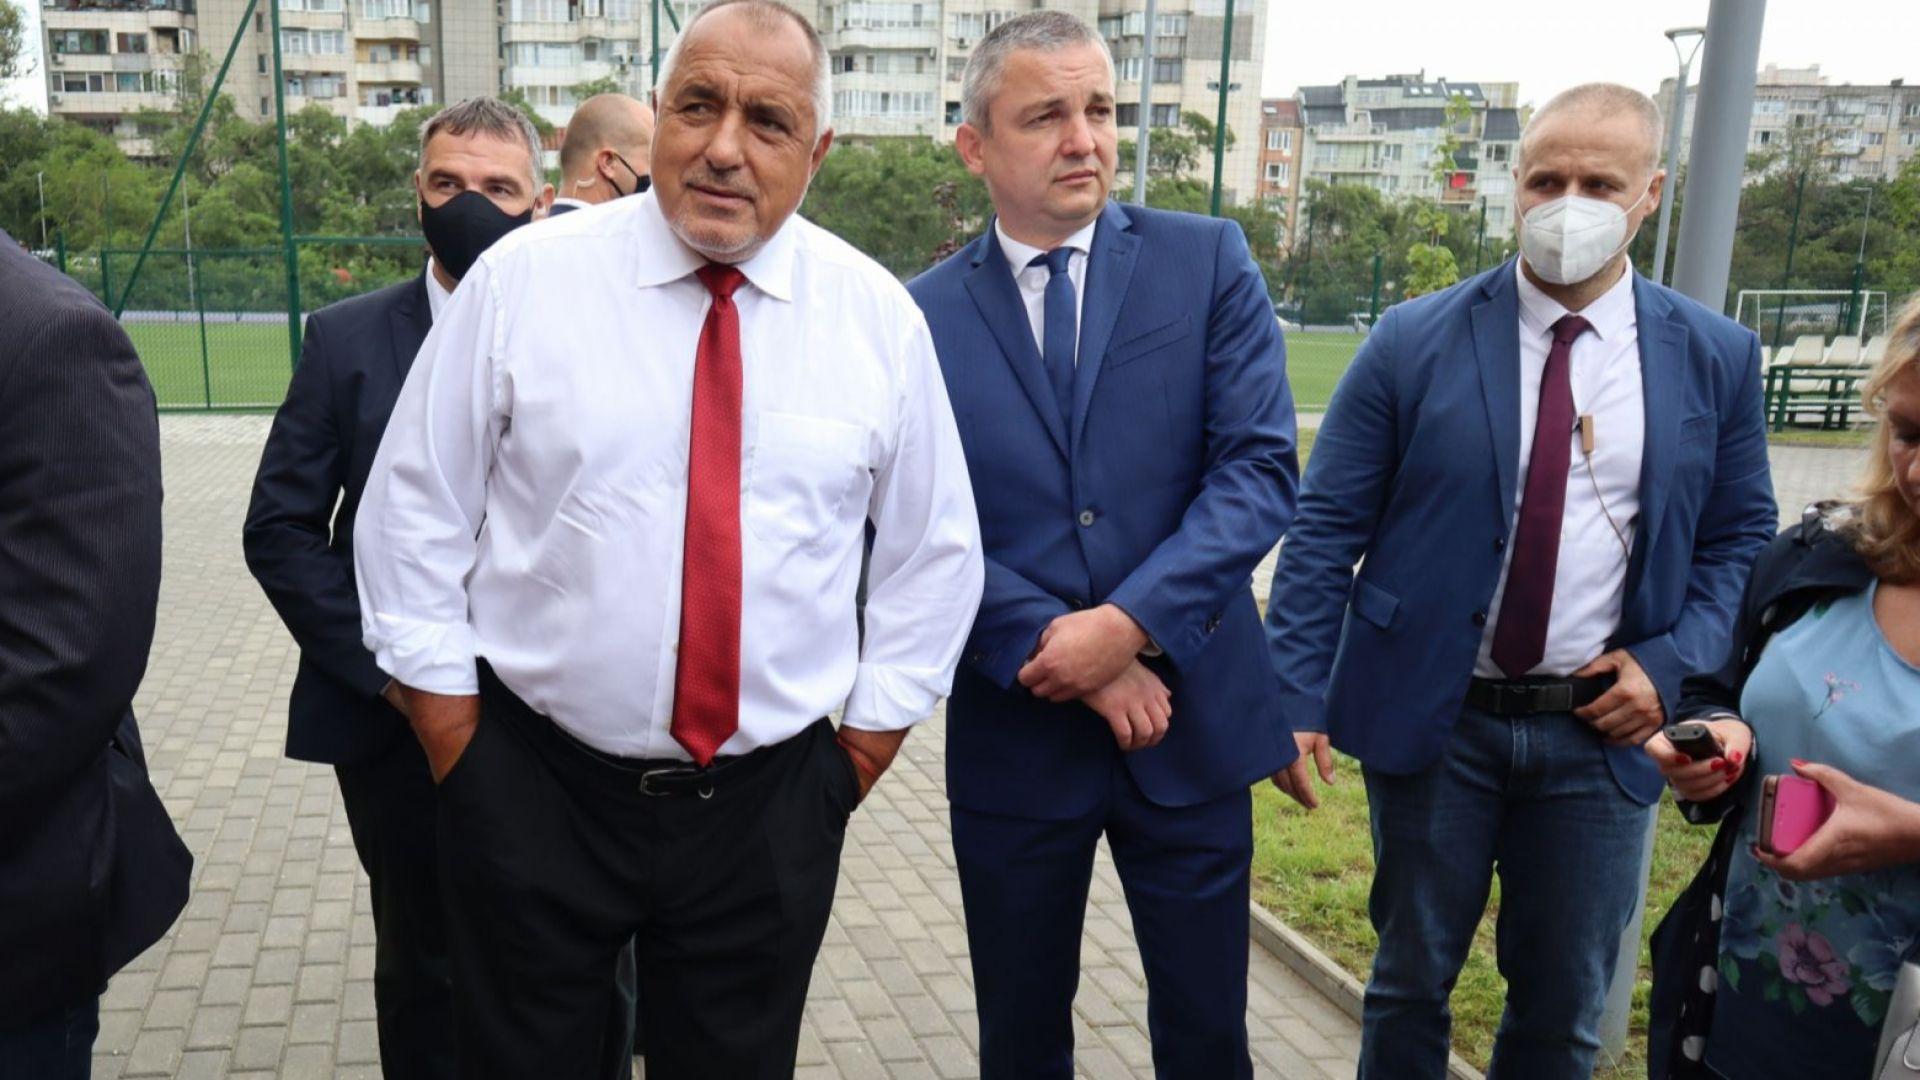 Борисов на проверки във Варна, след това гледа учение с ракети (видео+снимки)